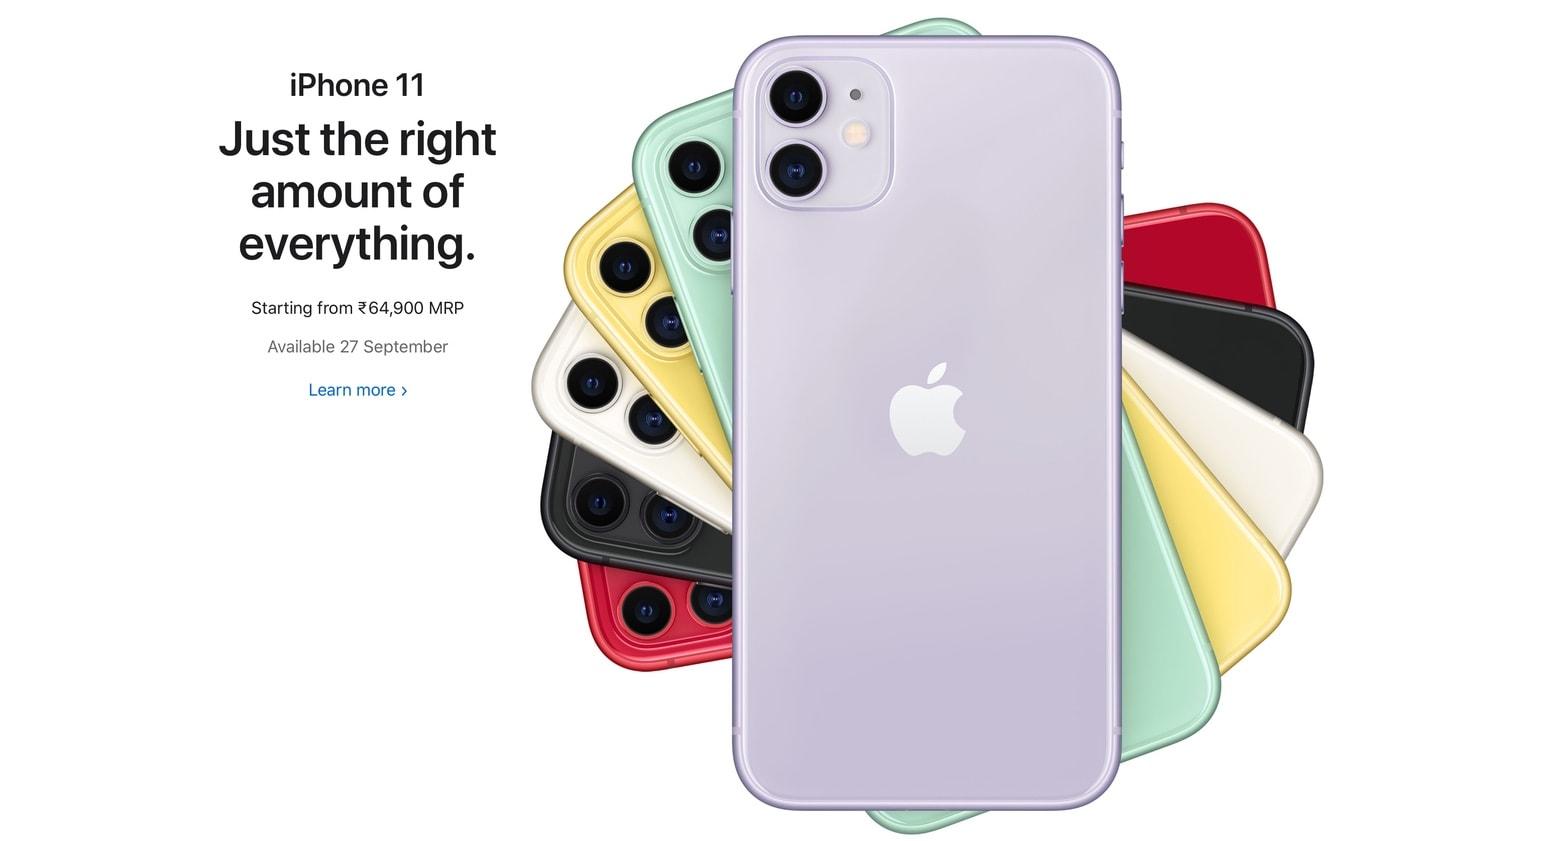 iPhone 11 in India